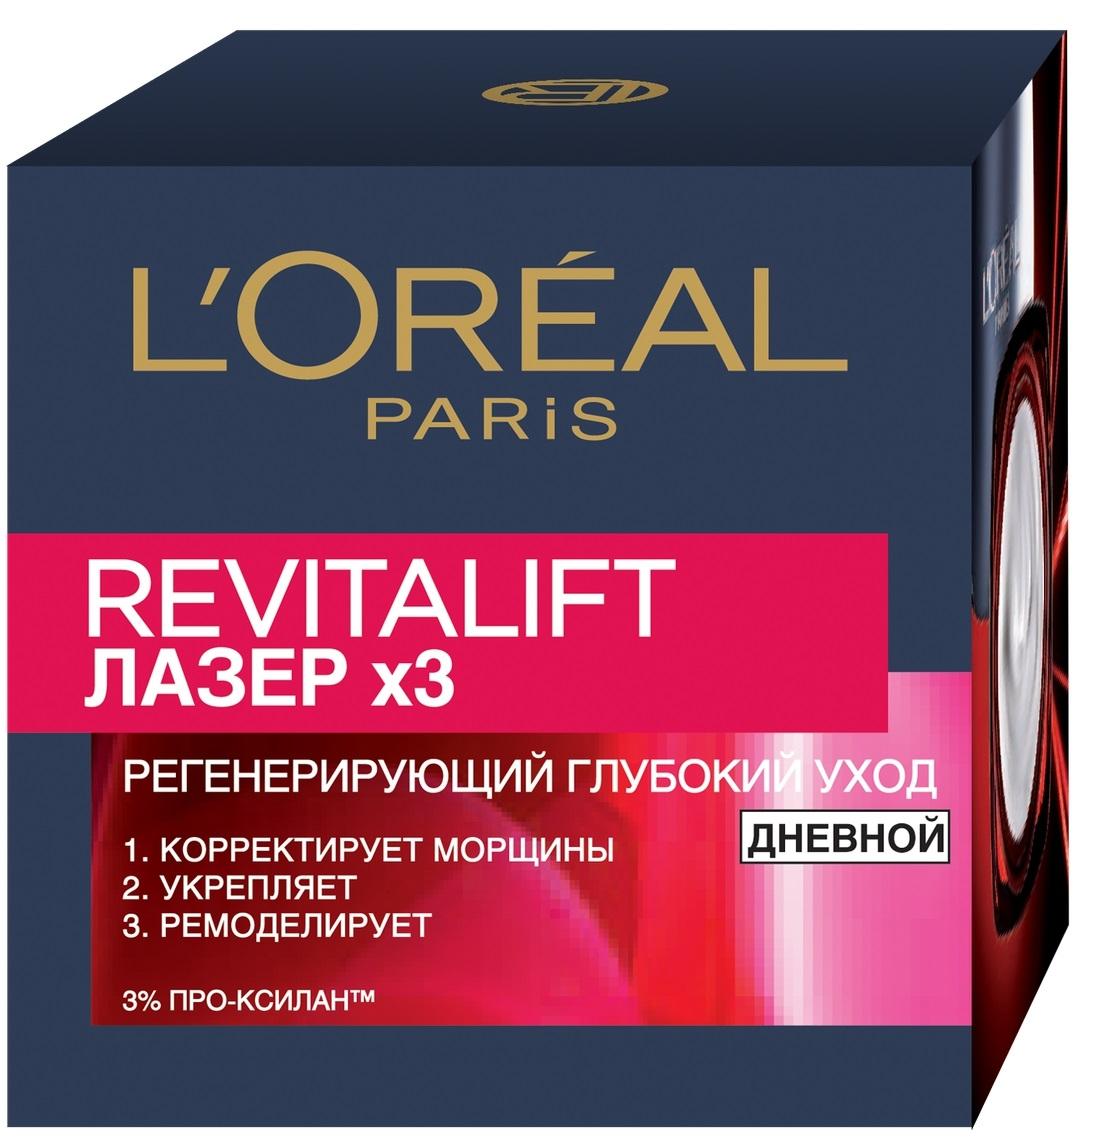 Крем для лица L\'Oreal Paris дневной для лица регенерирующий 50мл